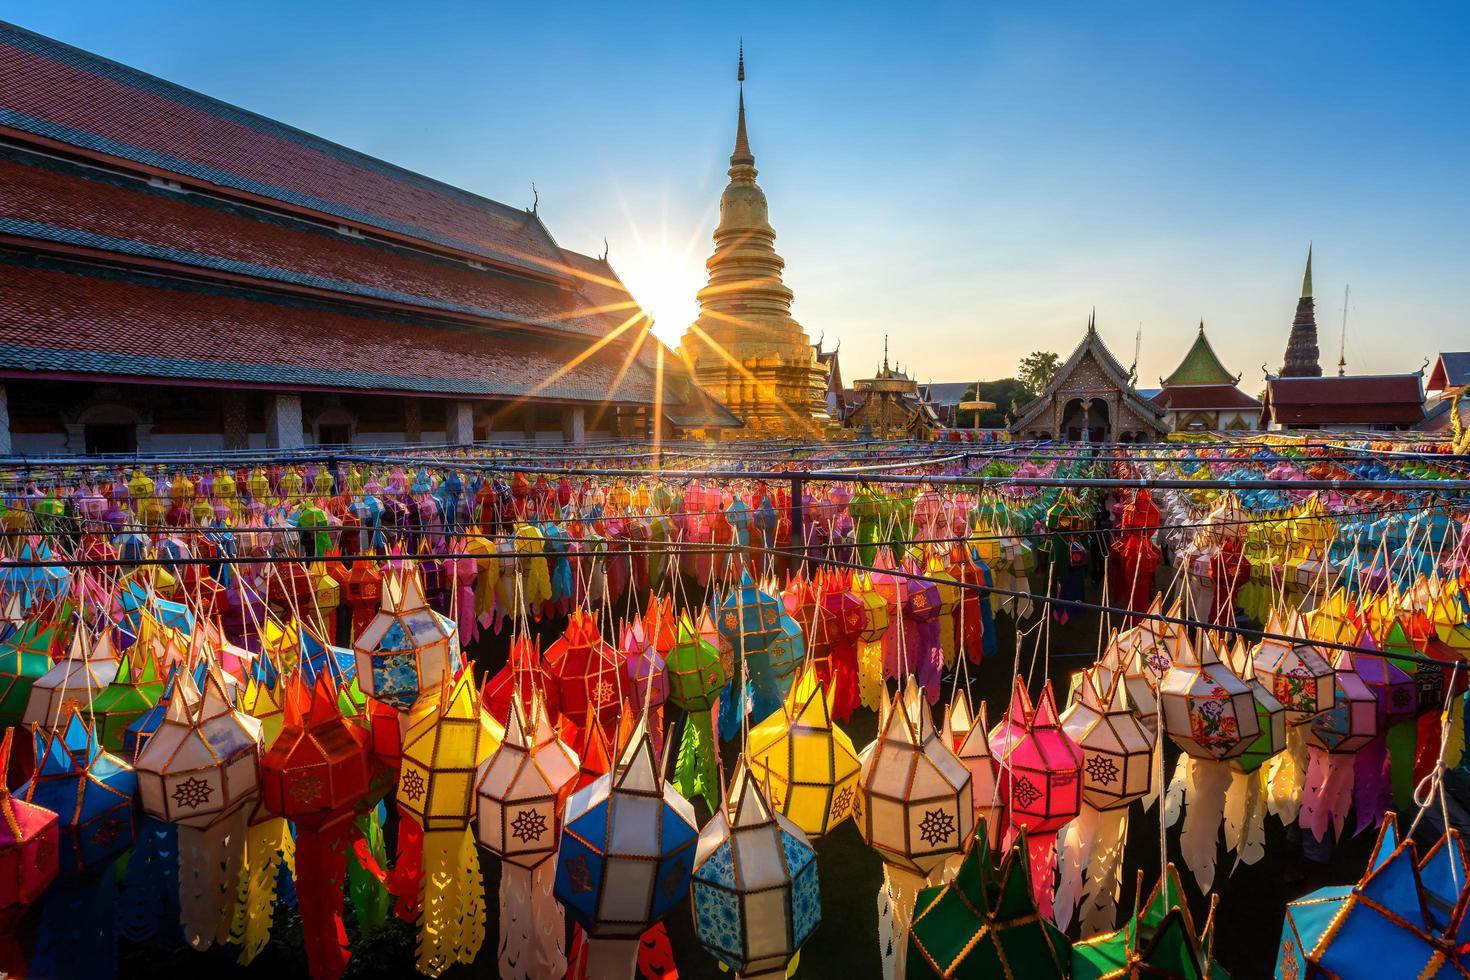 bunte Laternen nahe buddhistischem Tempel in Lamphun, Thailand. foto